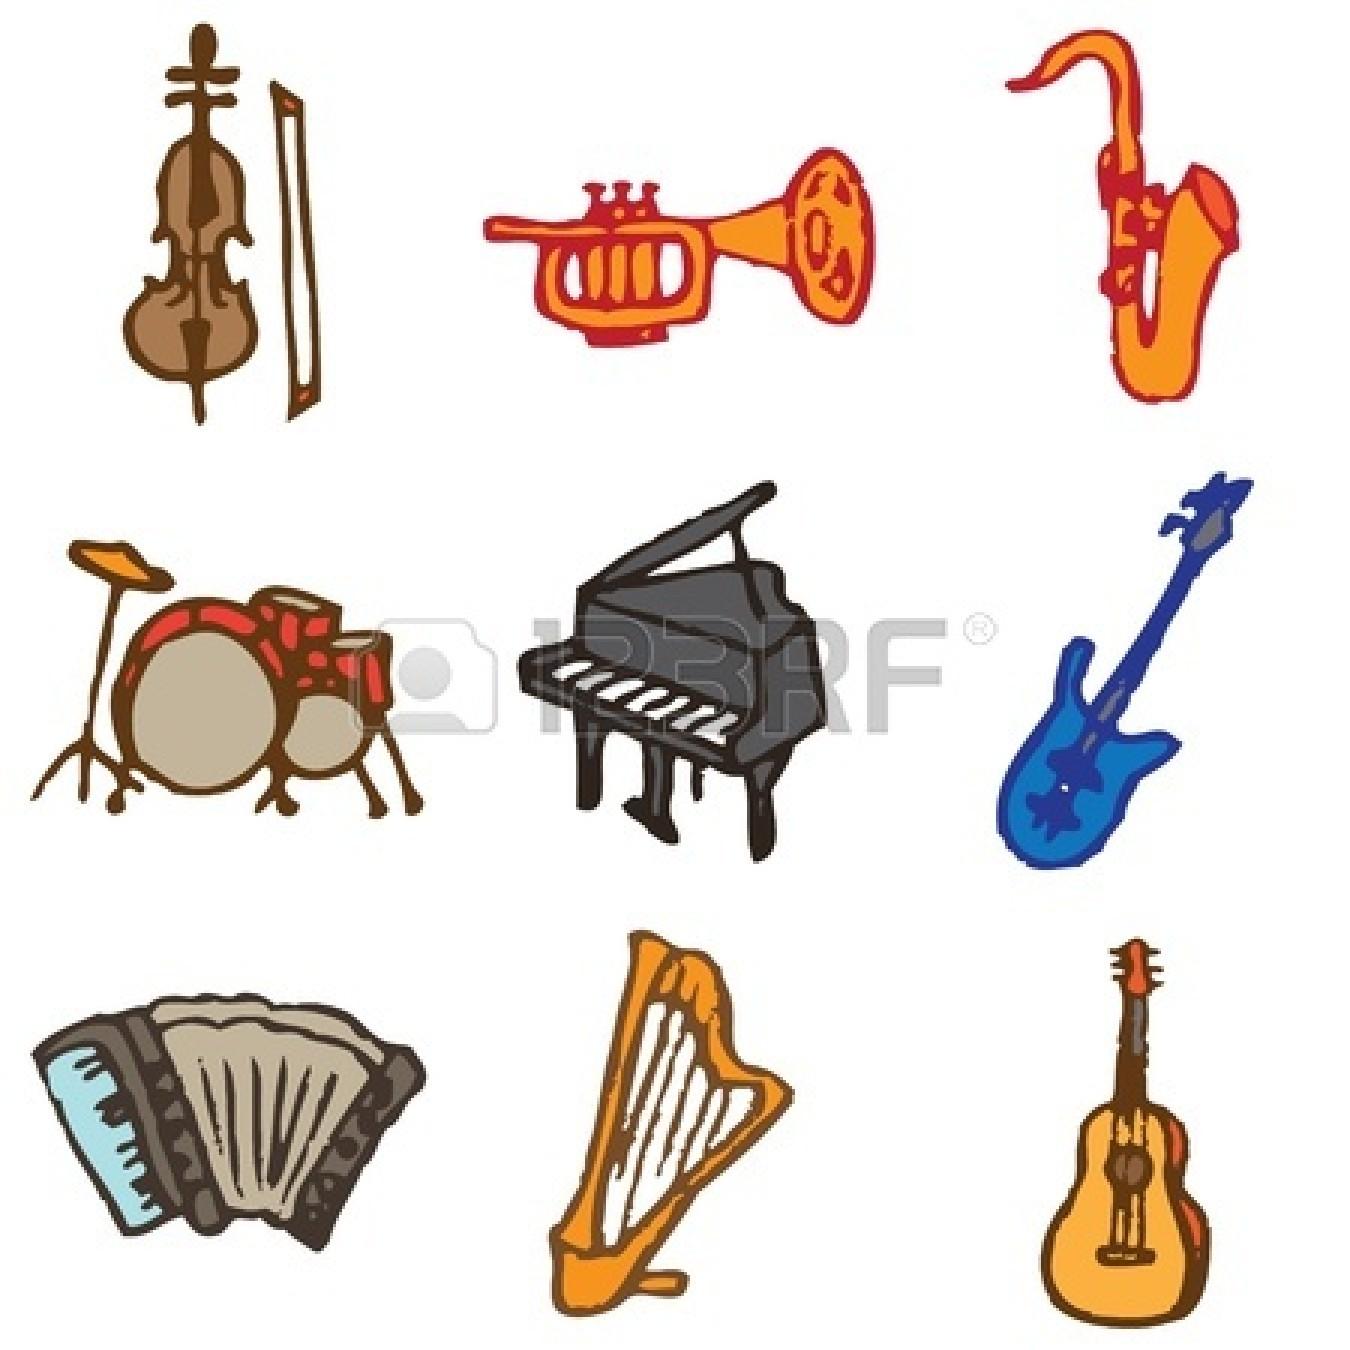 Pobre socky john newman editorial siruela recomendado 10 a os los fundamentales de canal - Instrumentos musicales leganes ...